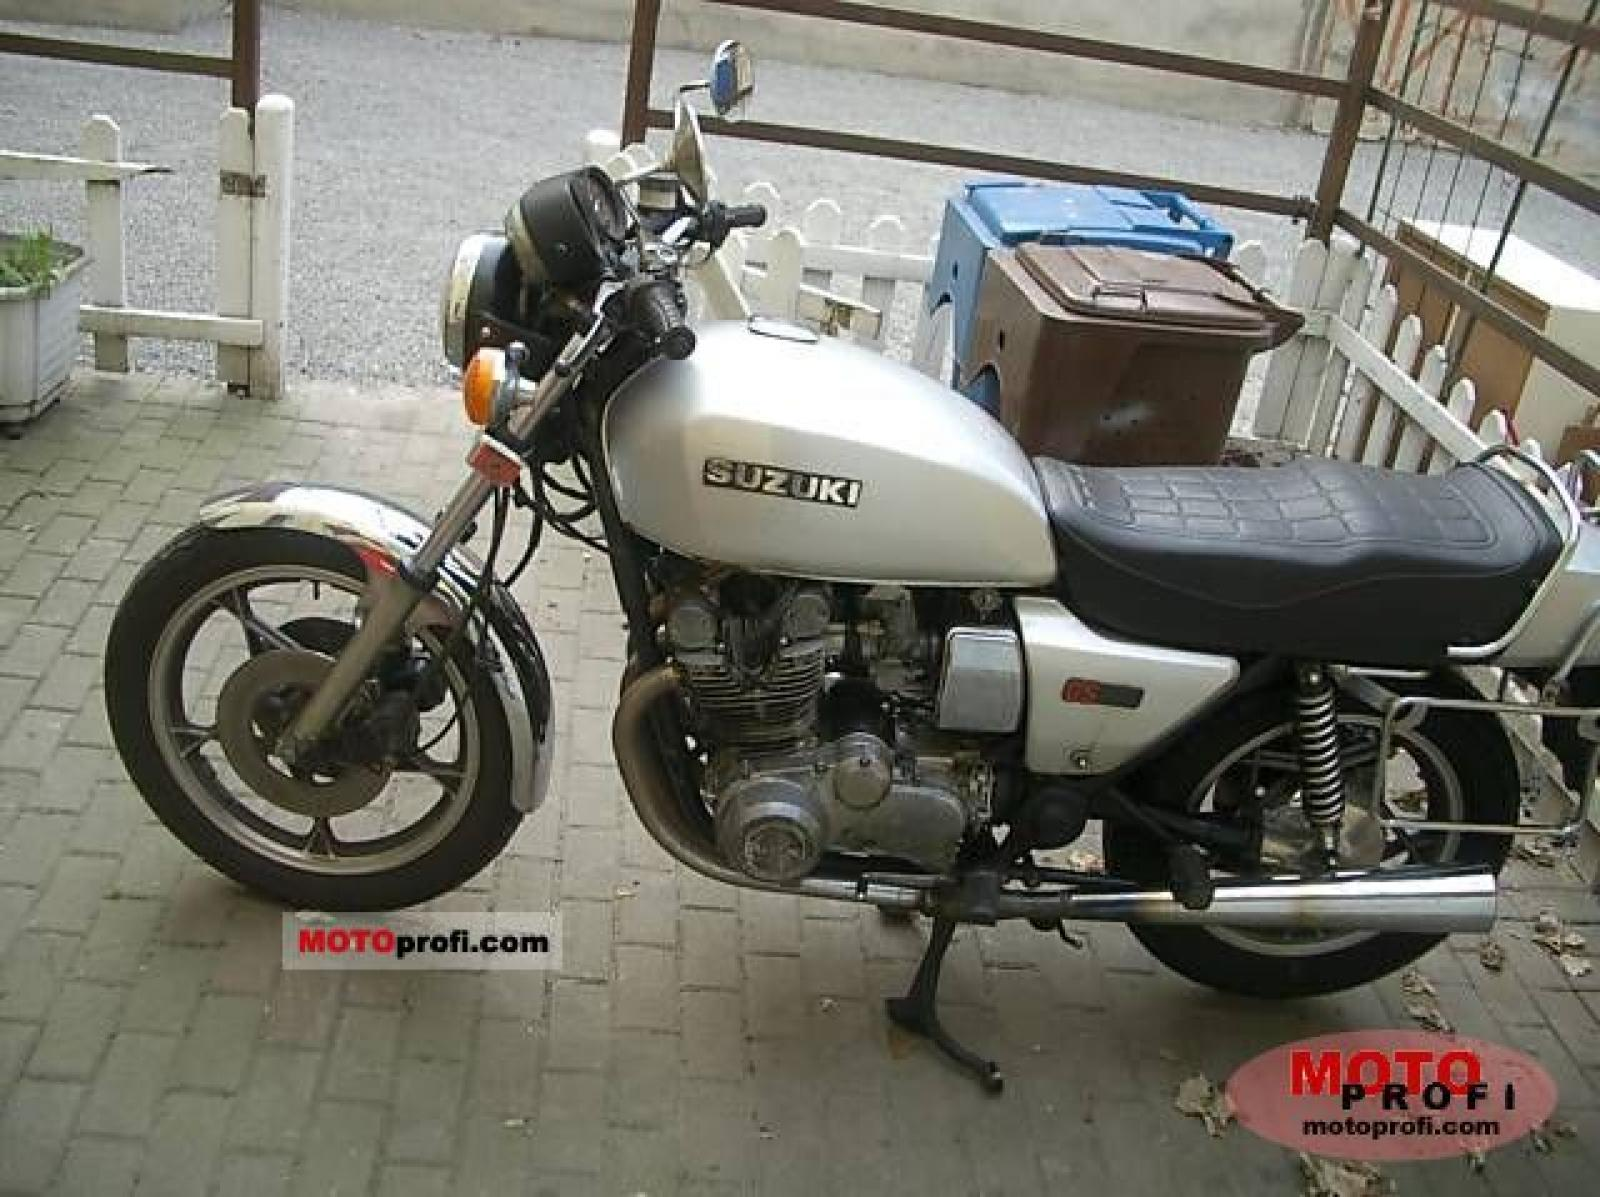 hight resolution of 1981 suzuki gs 850 l moto zombdrive com 1981 suzuki gs 850 1981 850 suzuki wiring diagram